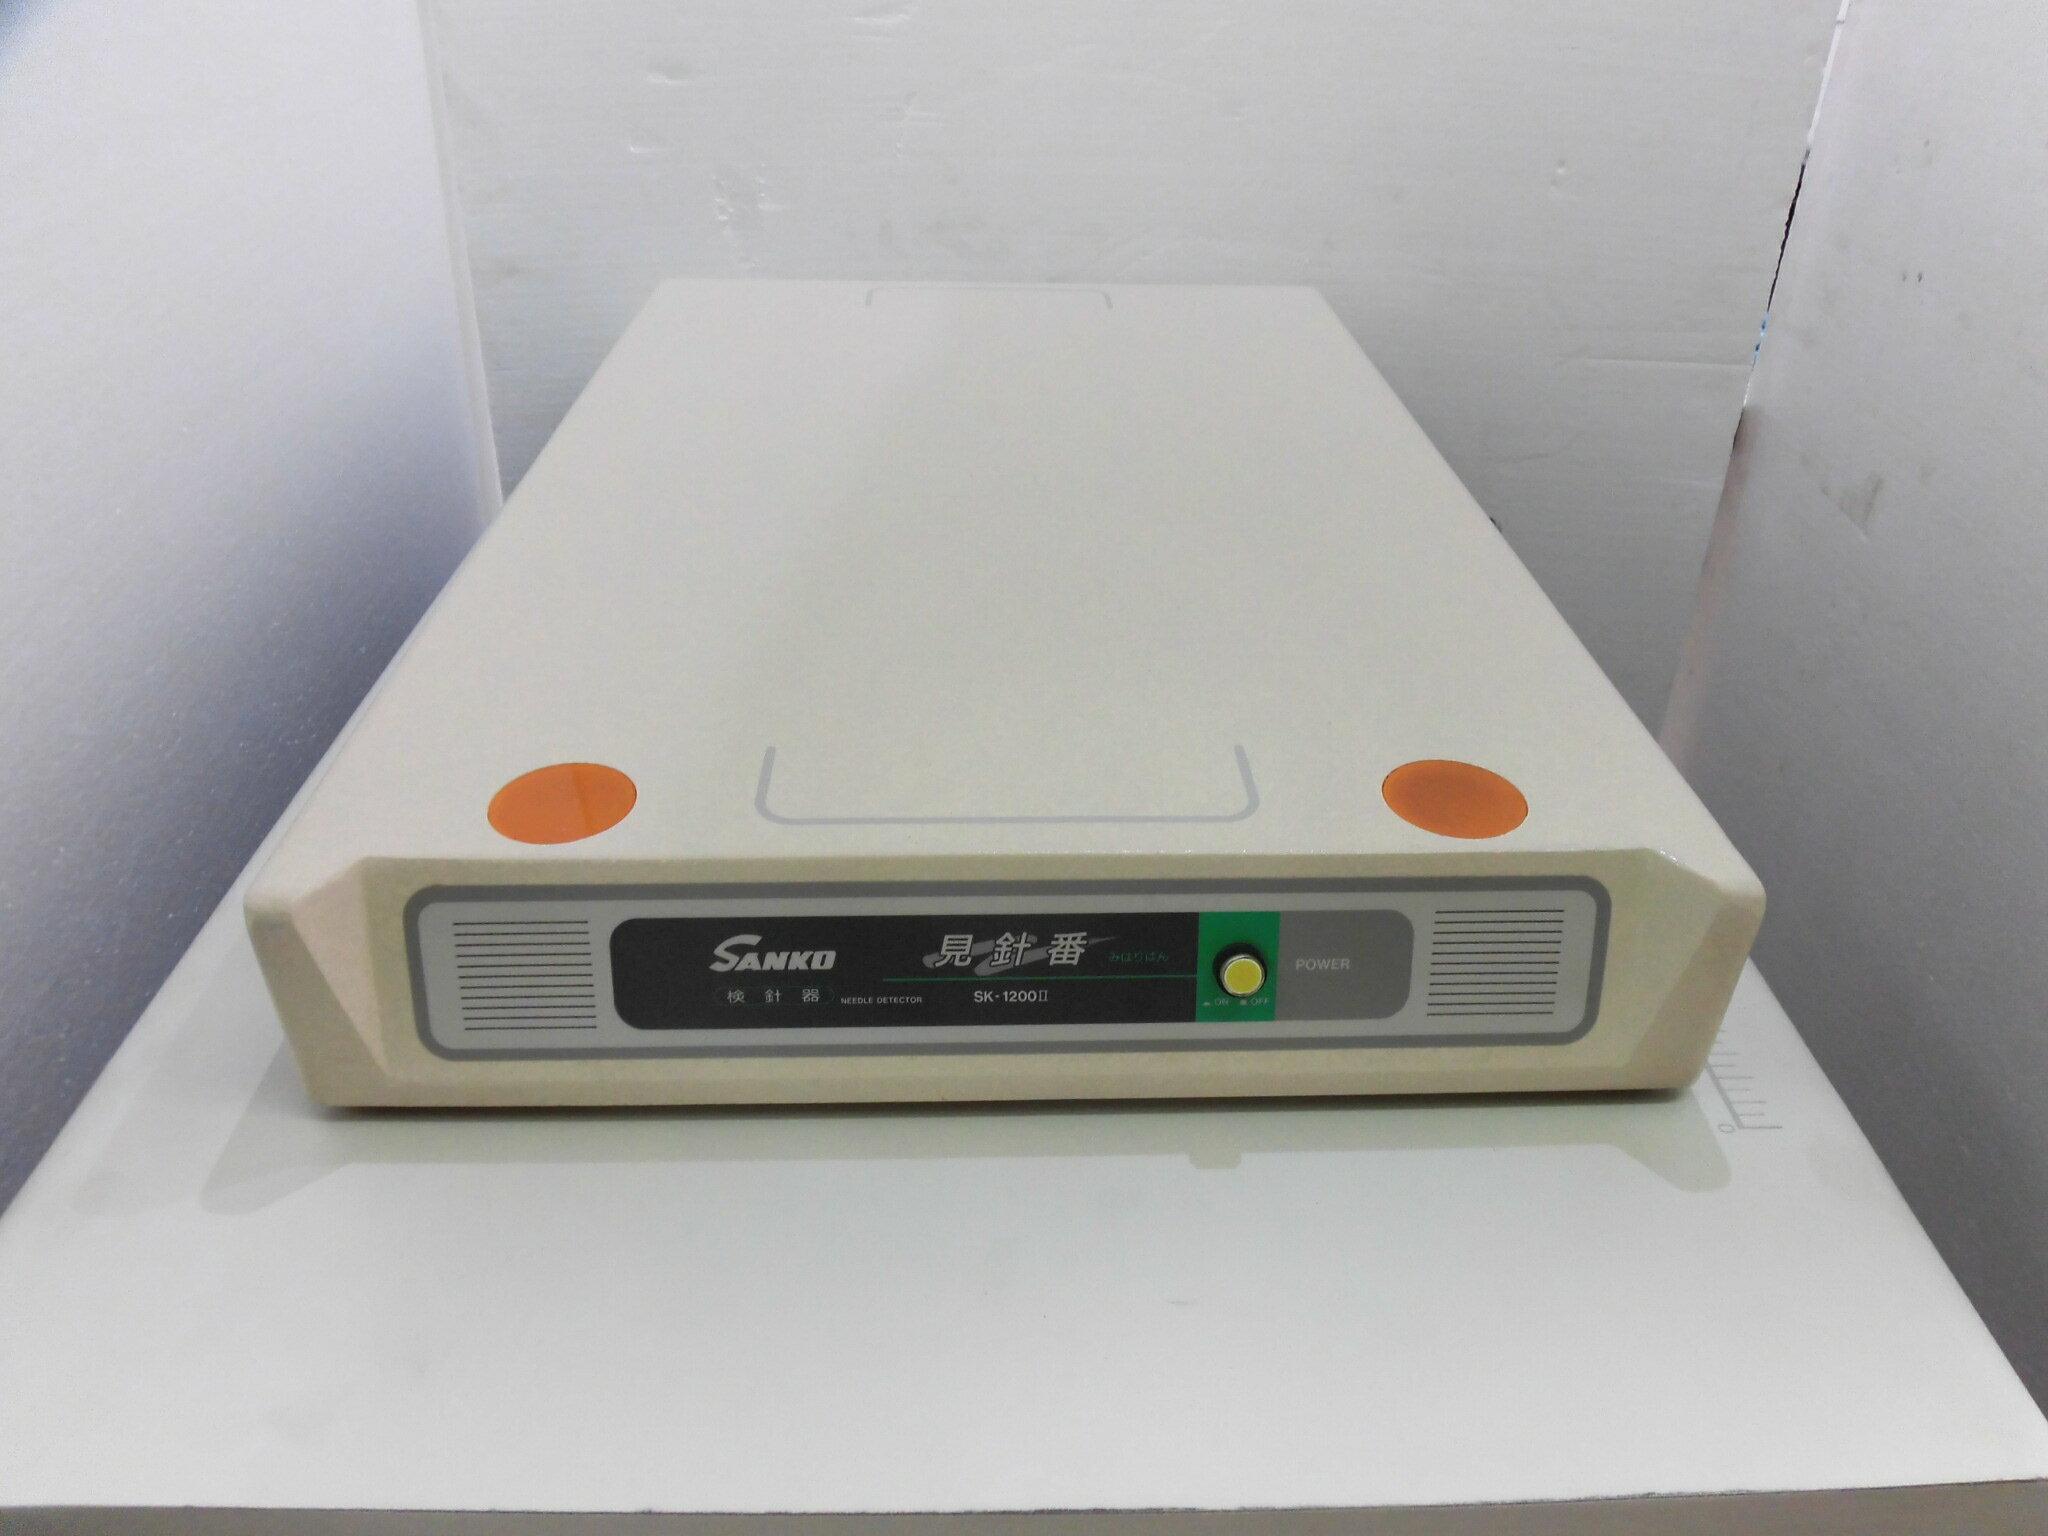 【中古】日本製 サンコウ卓上検針機 SK-1200-II 検針器 sanko見張番SK-1200II